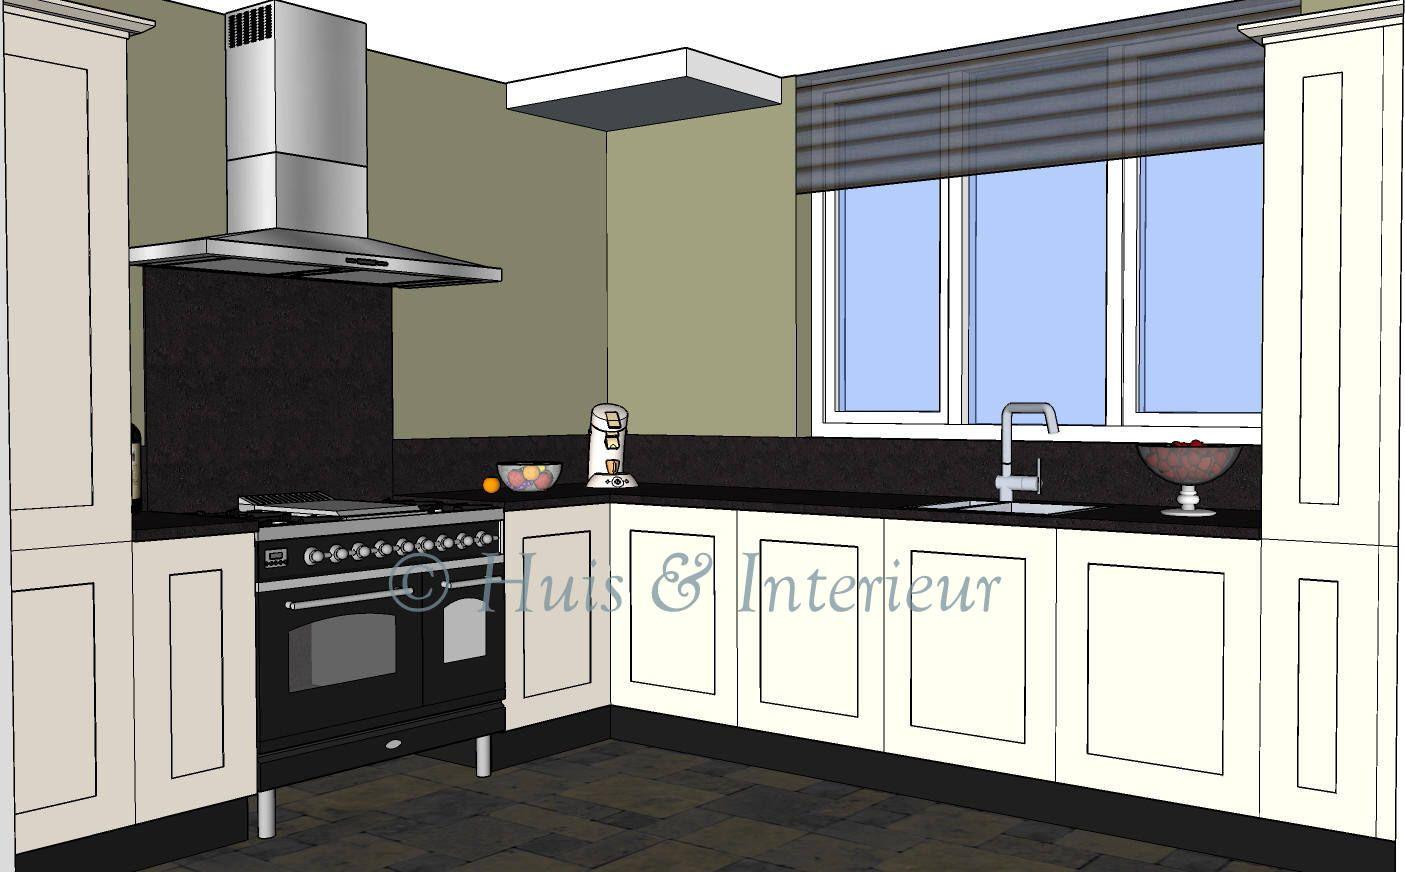 Keuken met boretti fornuis de wens van de opdrachtgeefster 3d